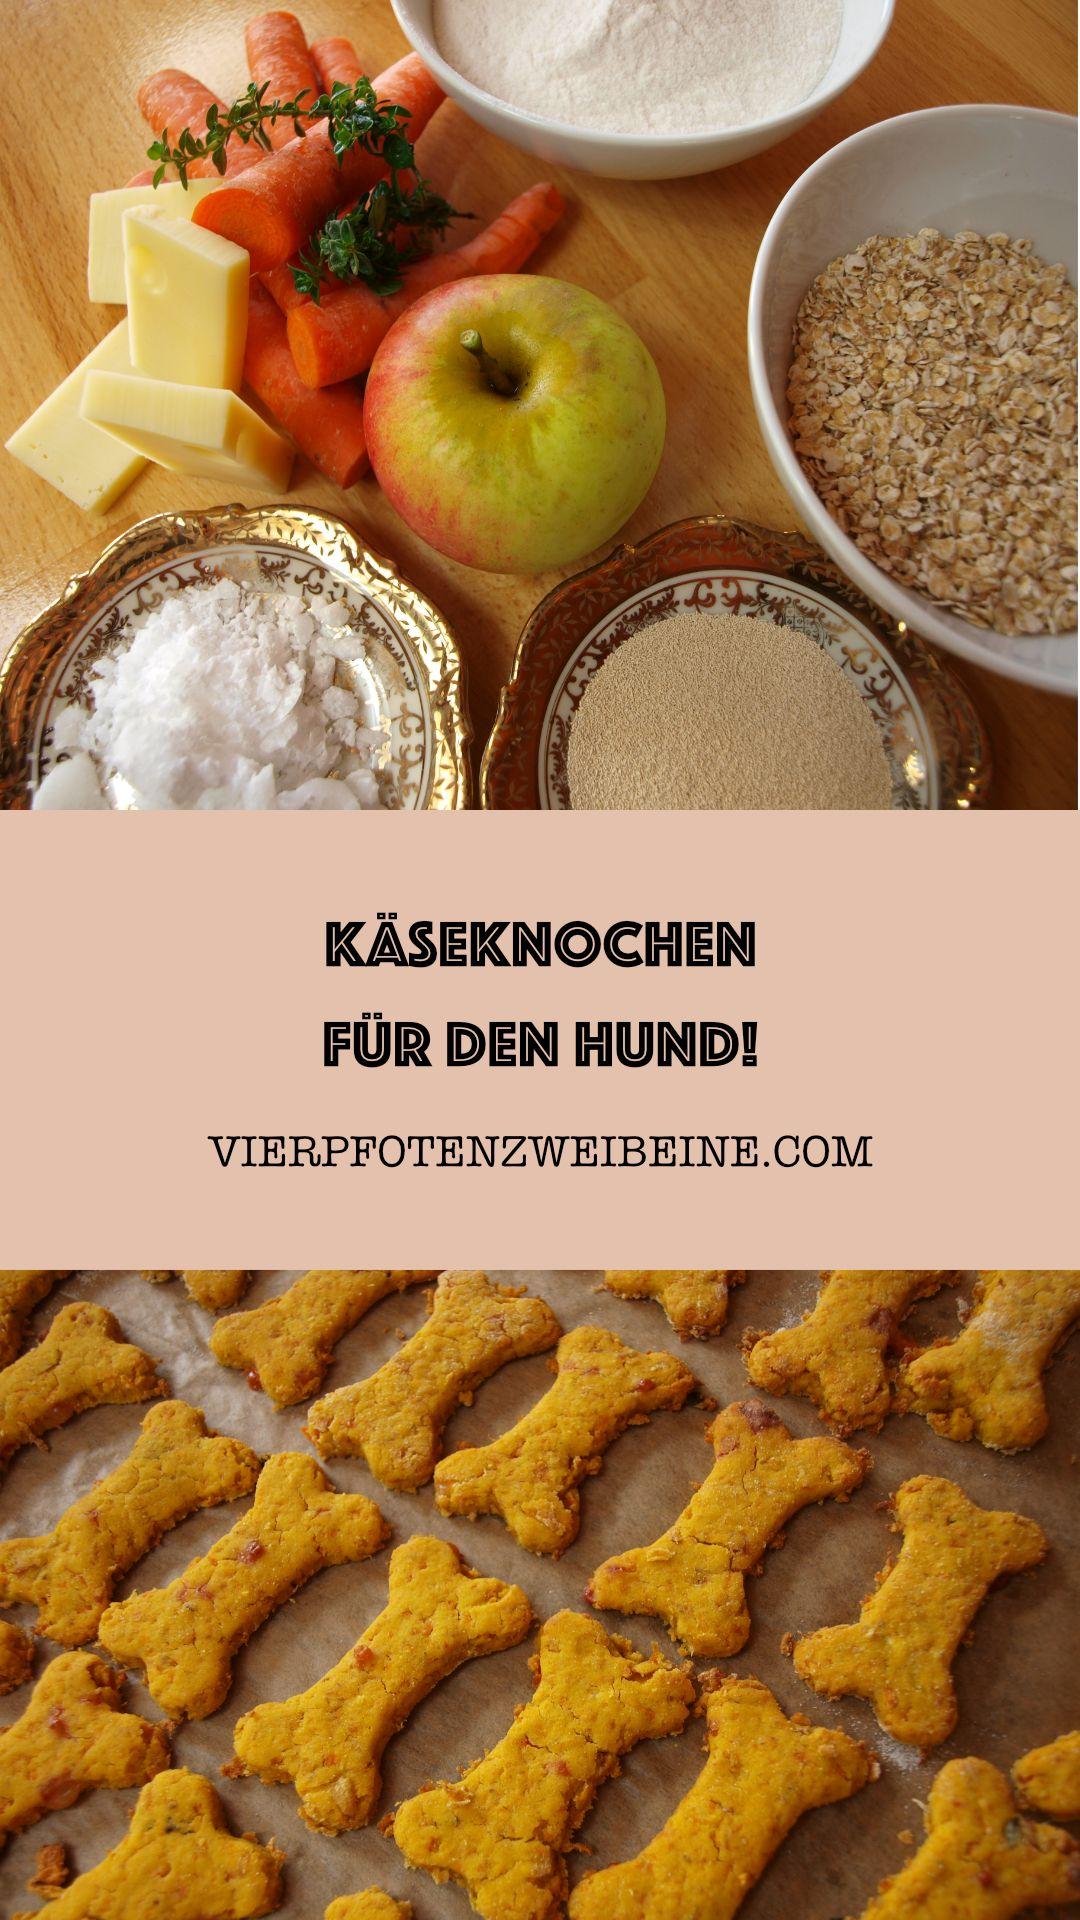 Käse – Karotten – Apfel – Reis – Haferflocken Hundekekse. Leckere Käseknochen-Leckereien!